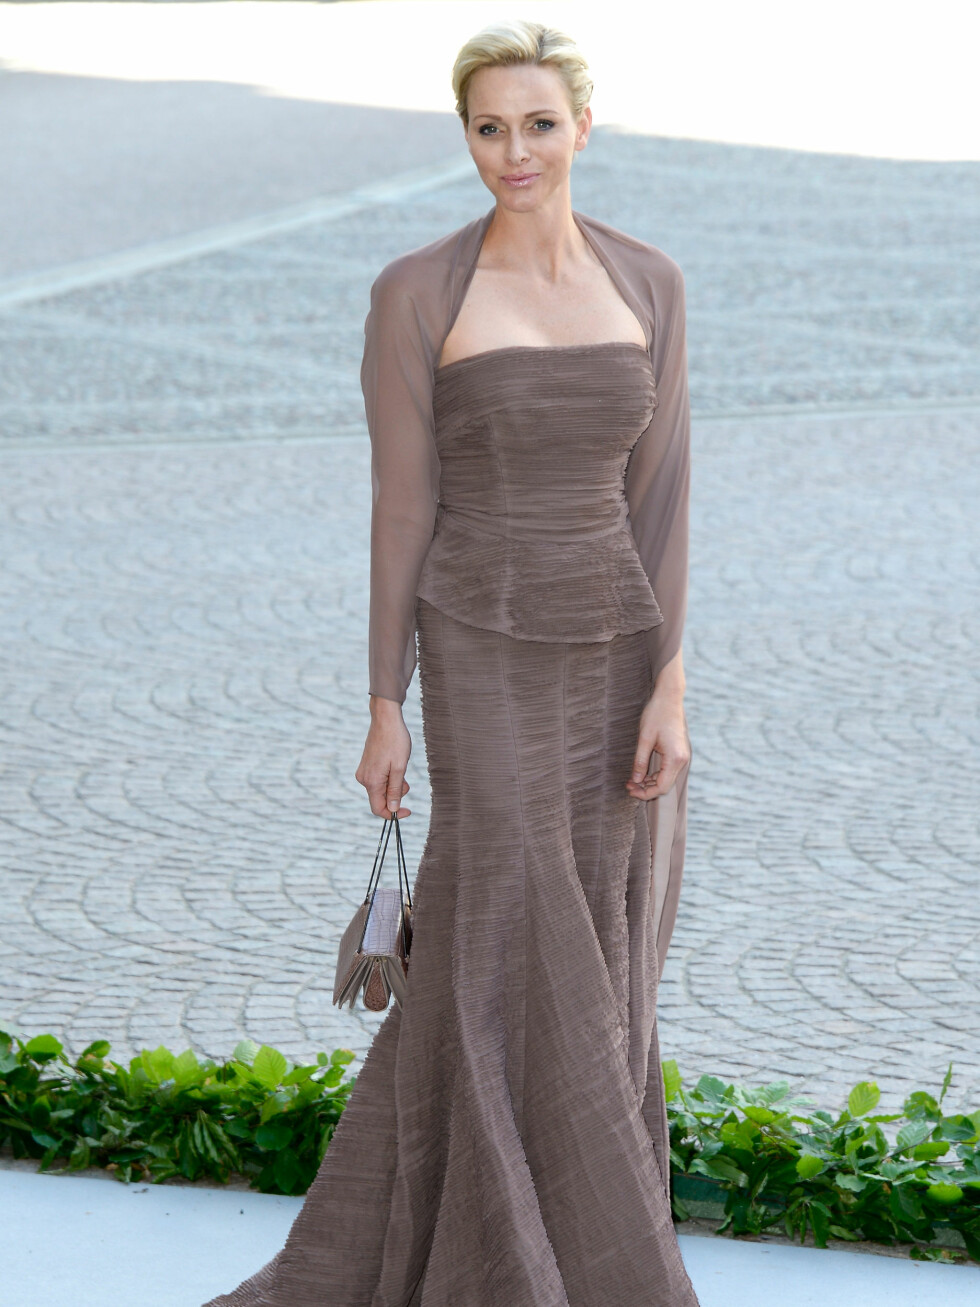 Prinsesse Charlene av Monaco. Foto: All Over Press